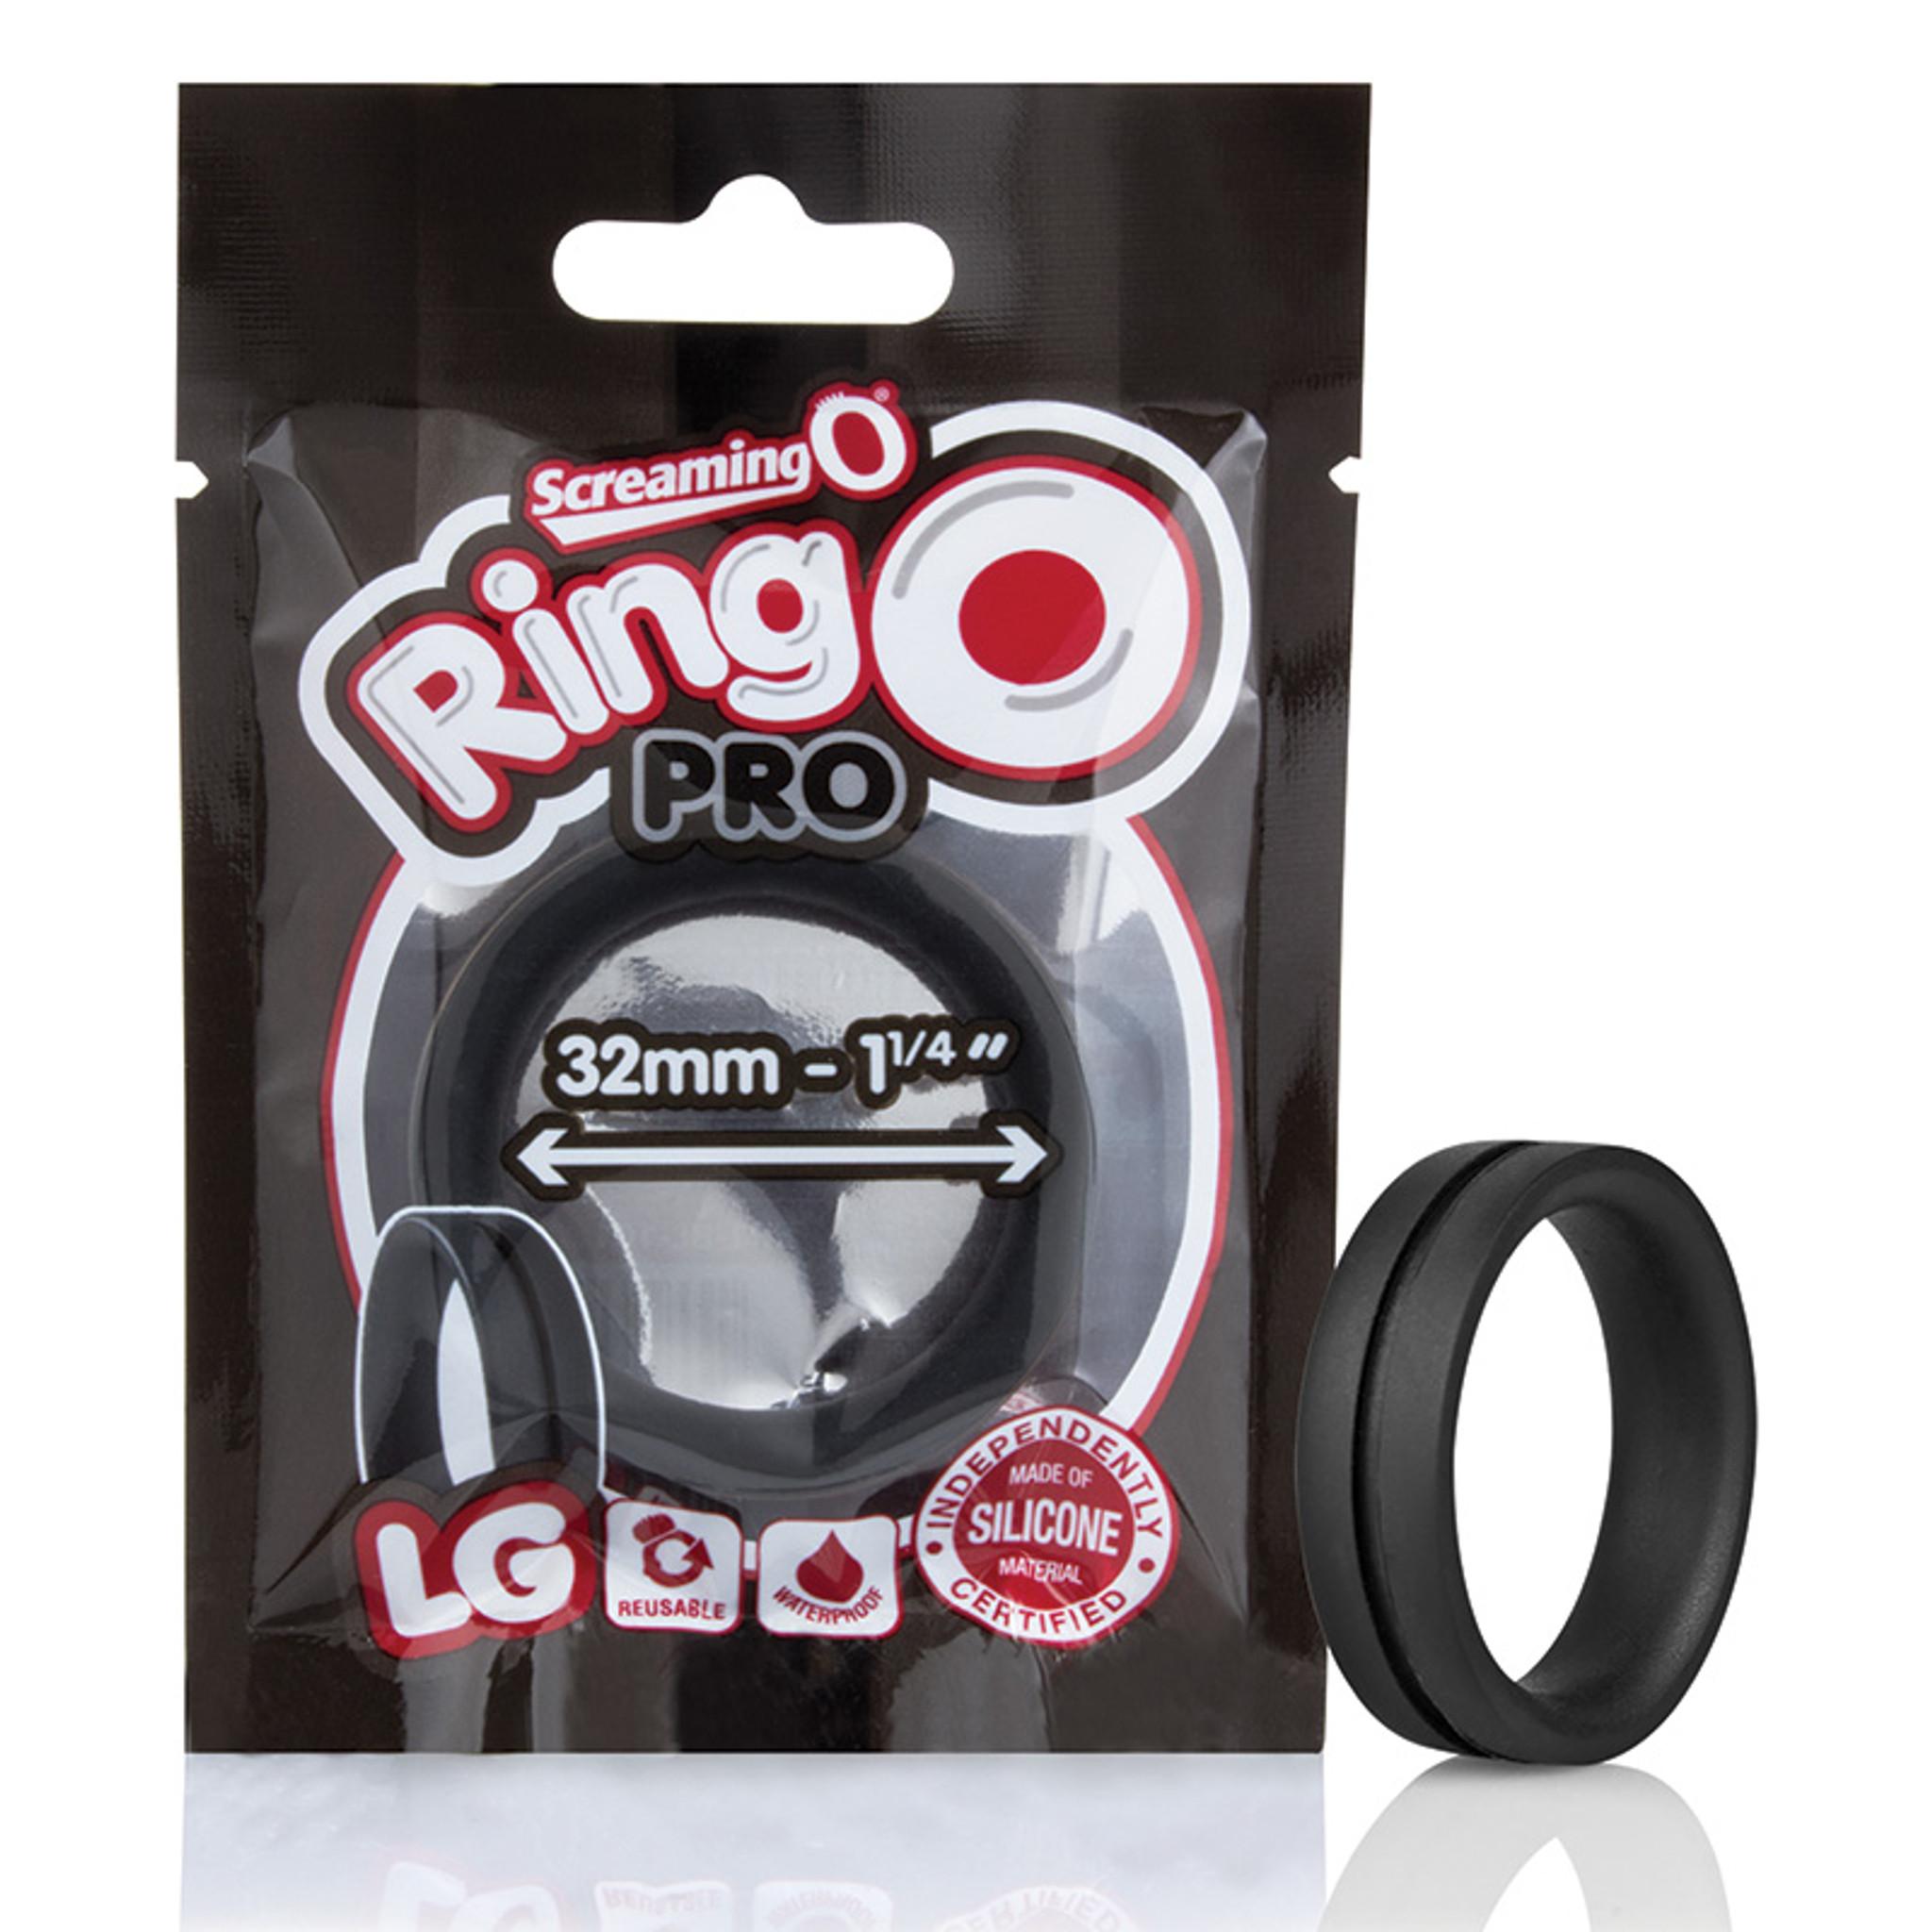 Screaming O Ringo Pro Stretchy Silicone Cock Ring  Cirillas-3399